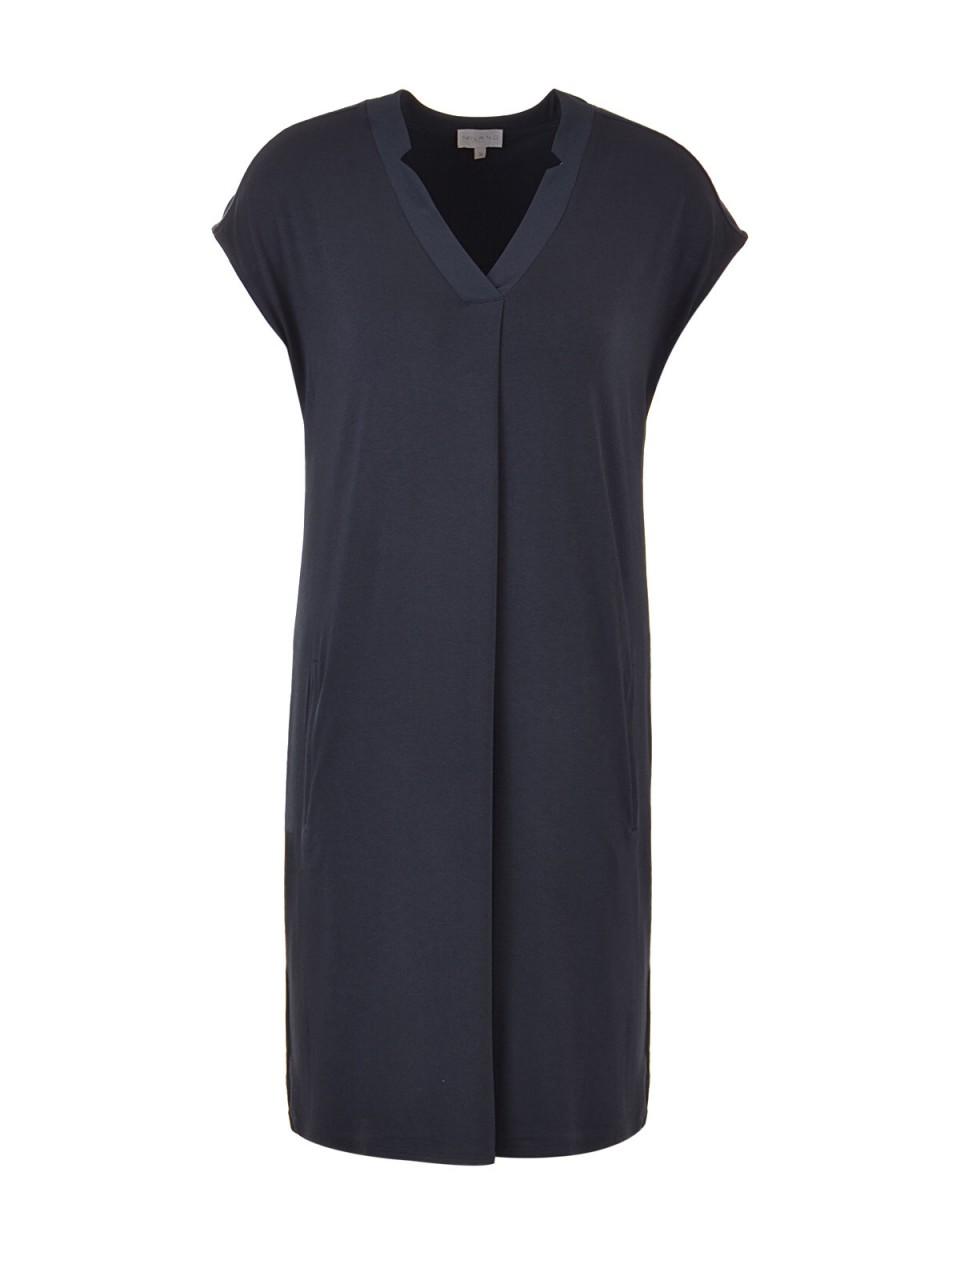 Kleider - MILANO ITALY Damen Kleid, navy  - Onlineshop Designermode.com